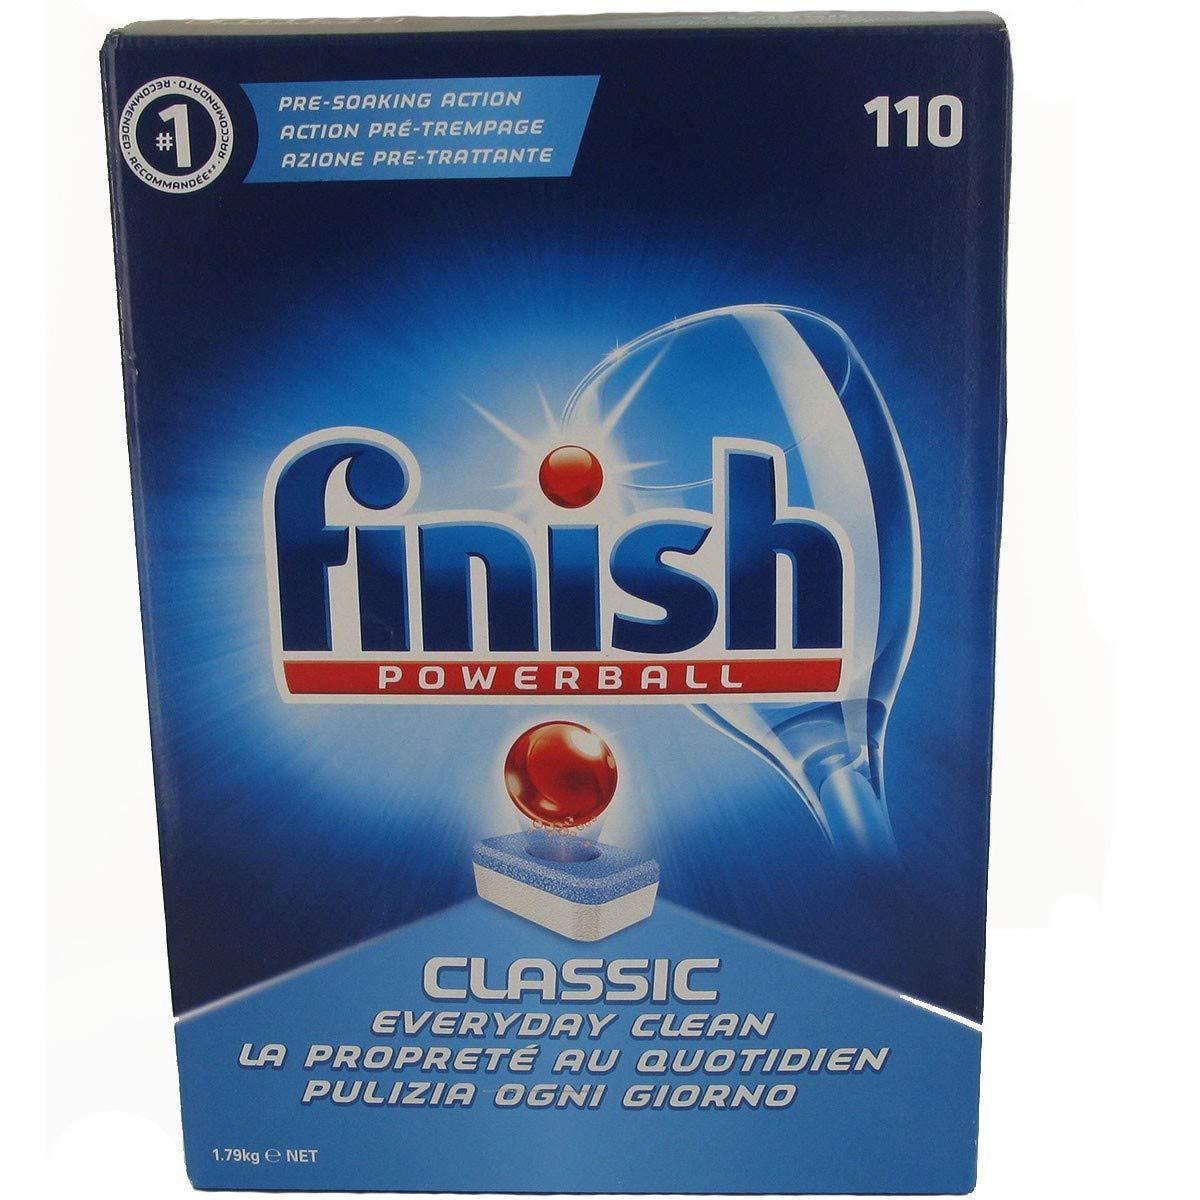 Amazon.com: Finish Powerball Clásico 110 Pack Pastillas de ...